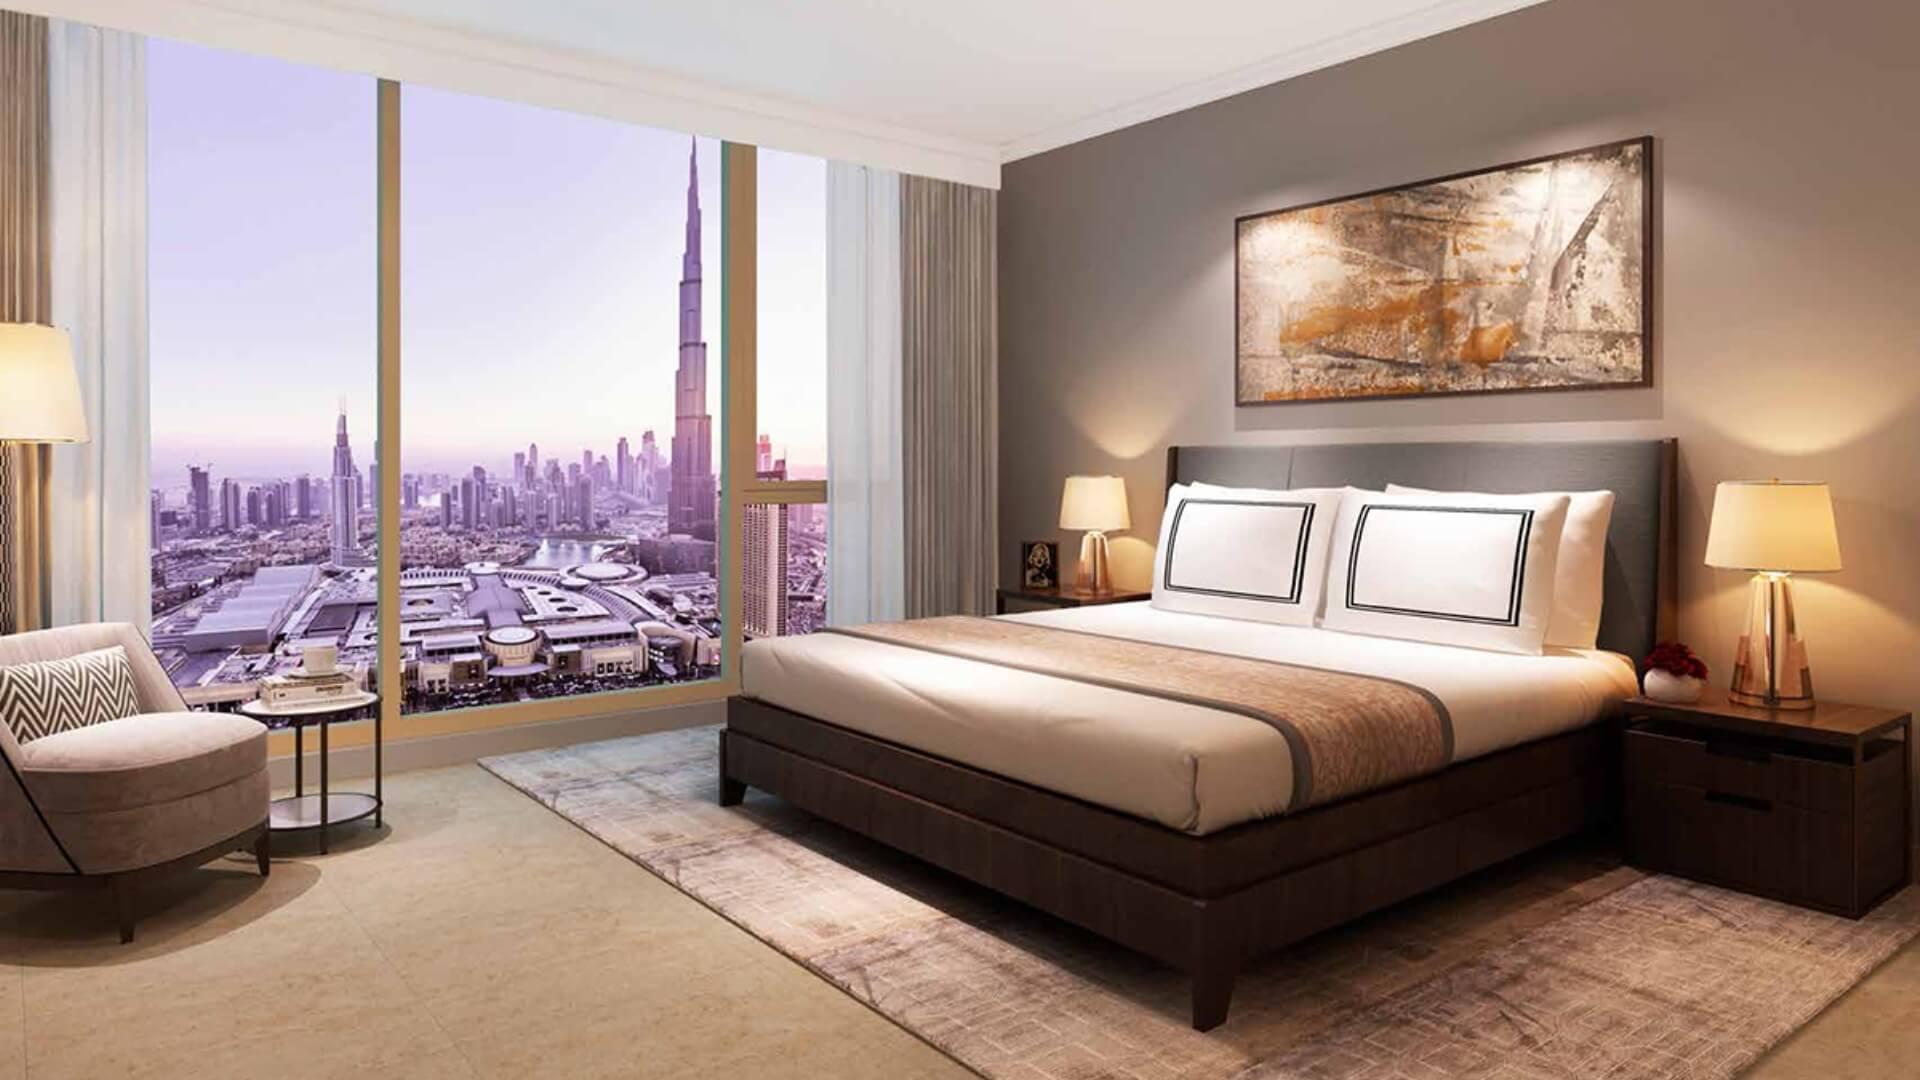 Apartamento en venta en Dubai, EAU, 1 dormitorio, 65 m2, № 24267 – foto 1